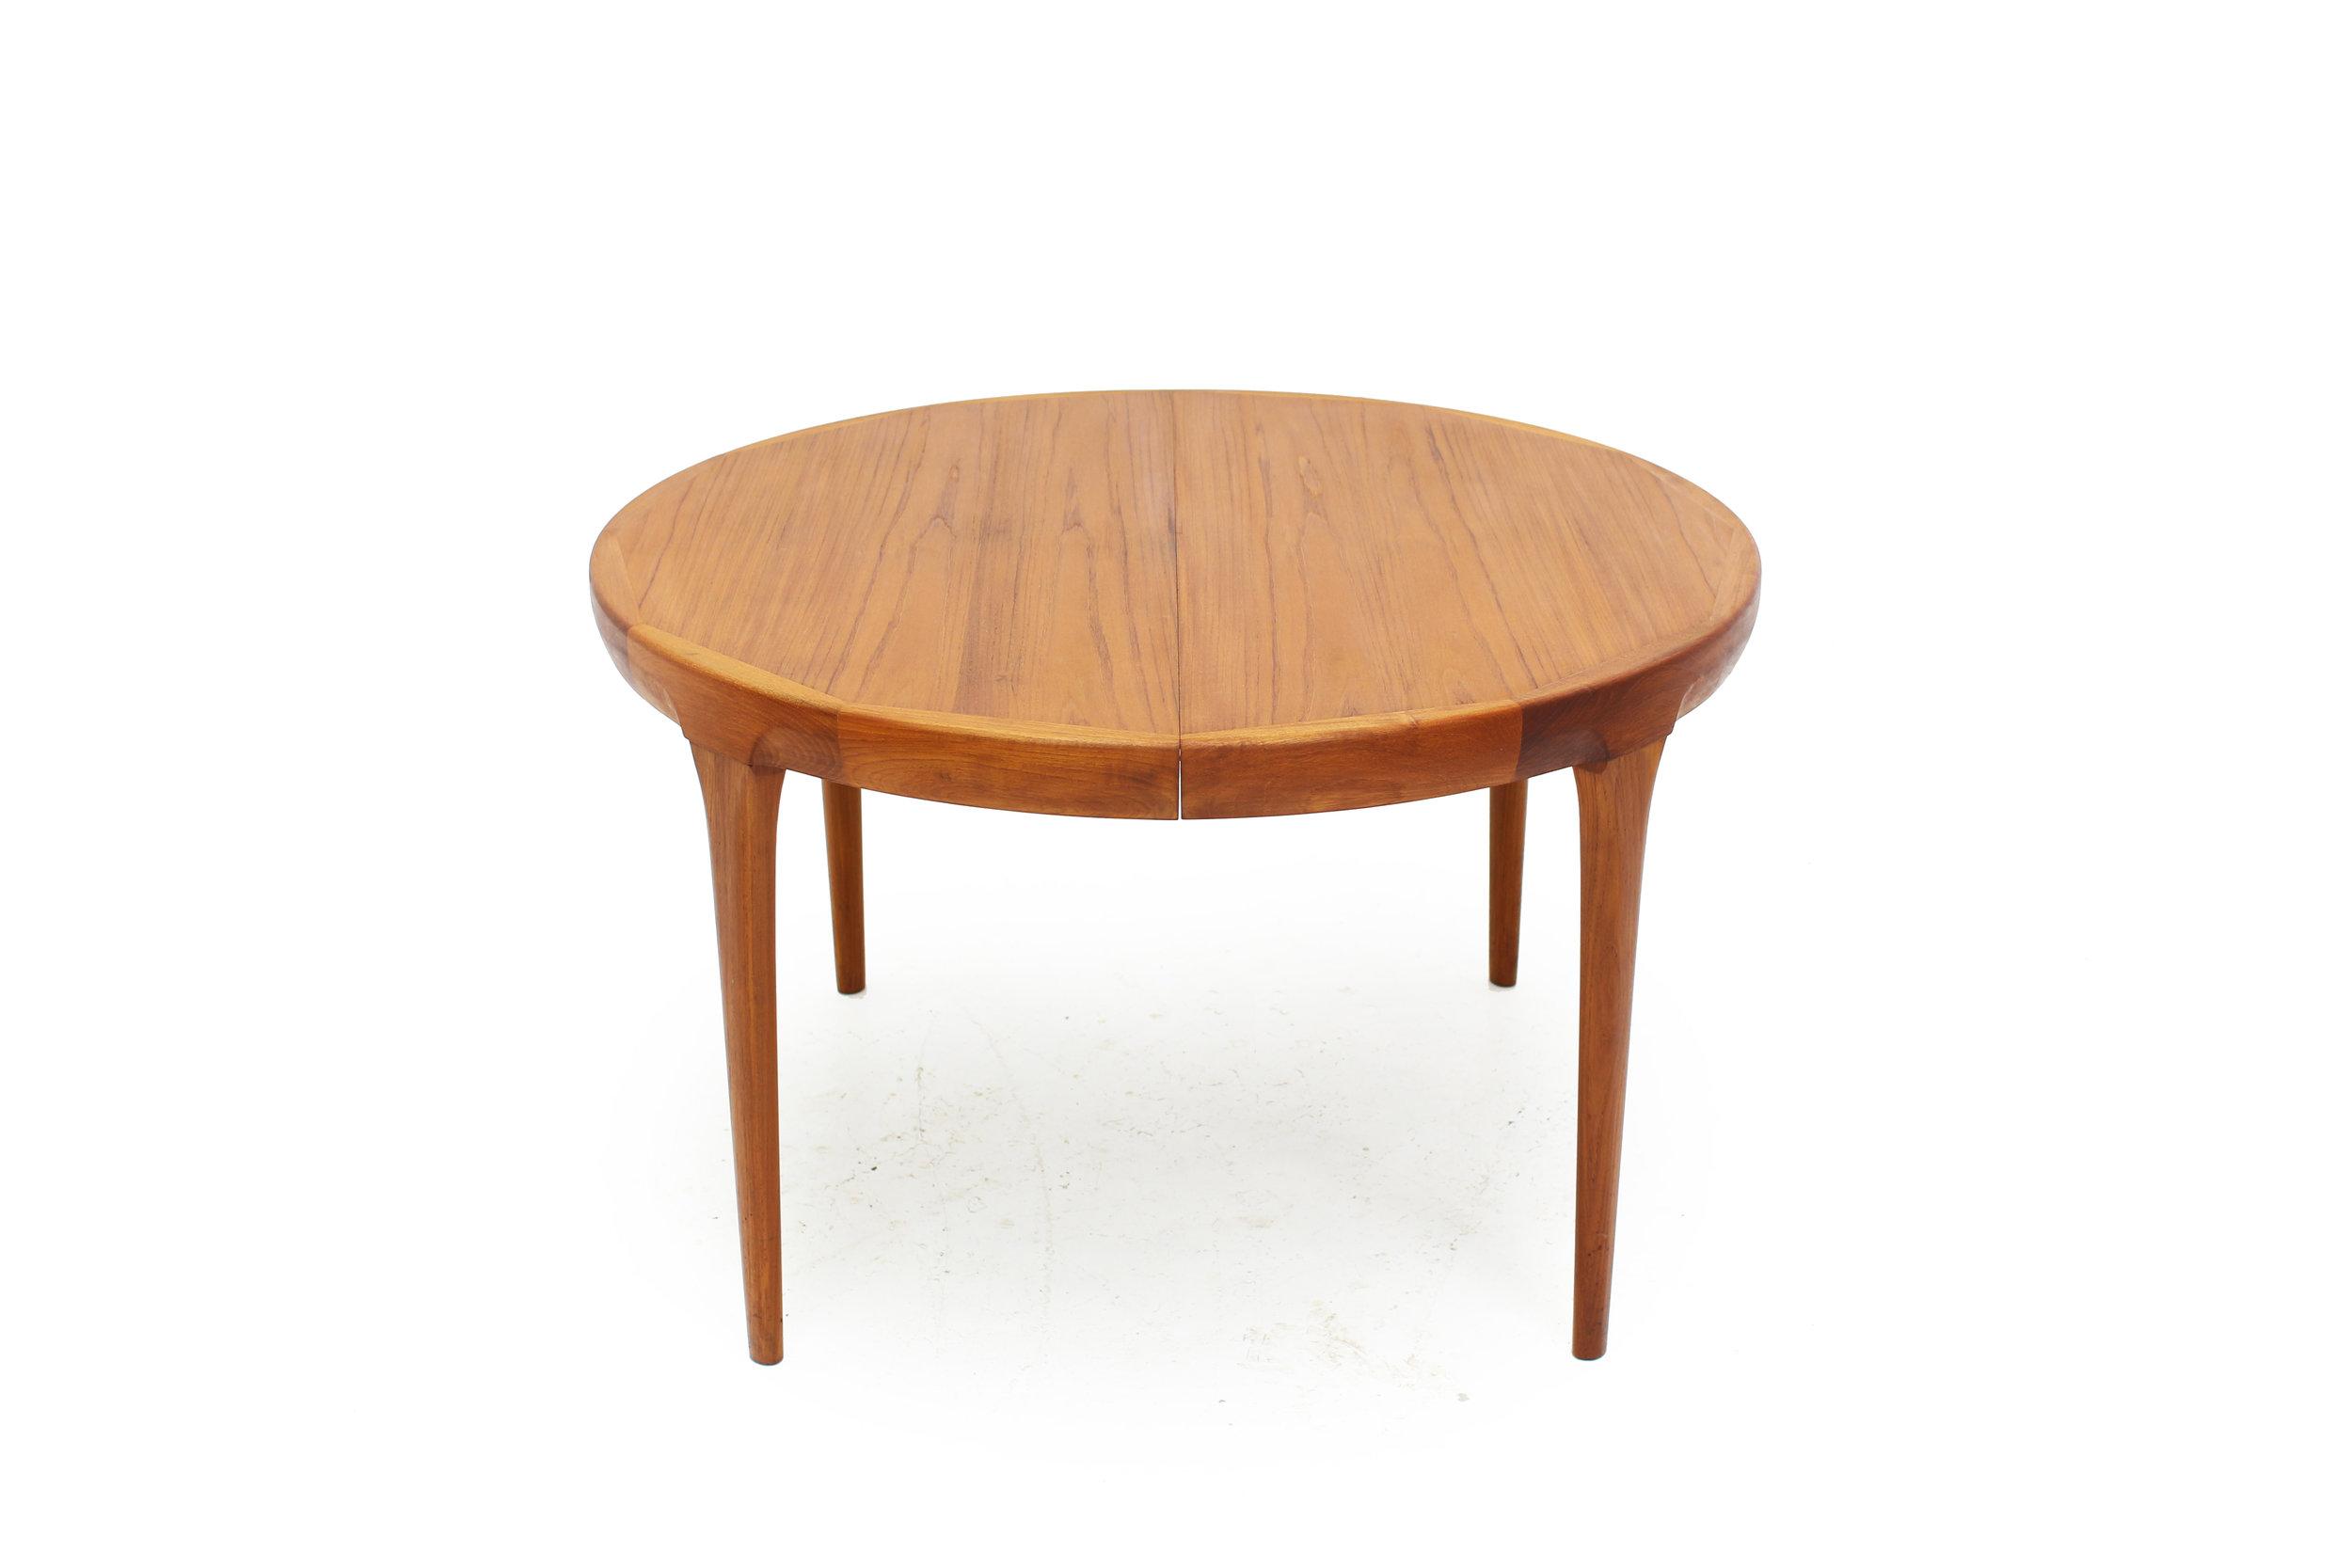 mid-century-teak-dining-table-ib-kofod-larsen-round.jpg